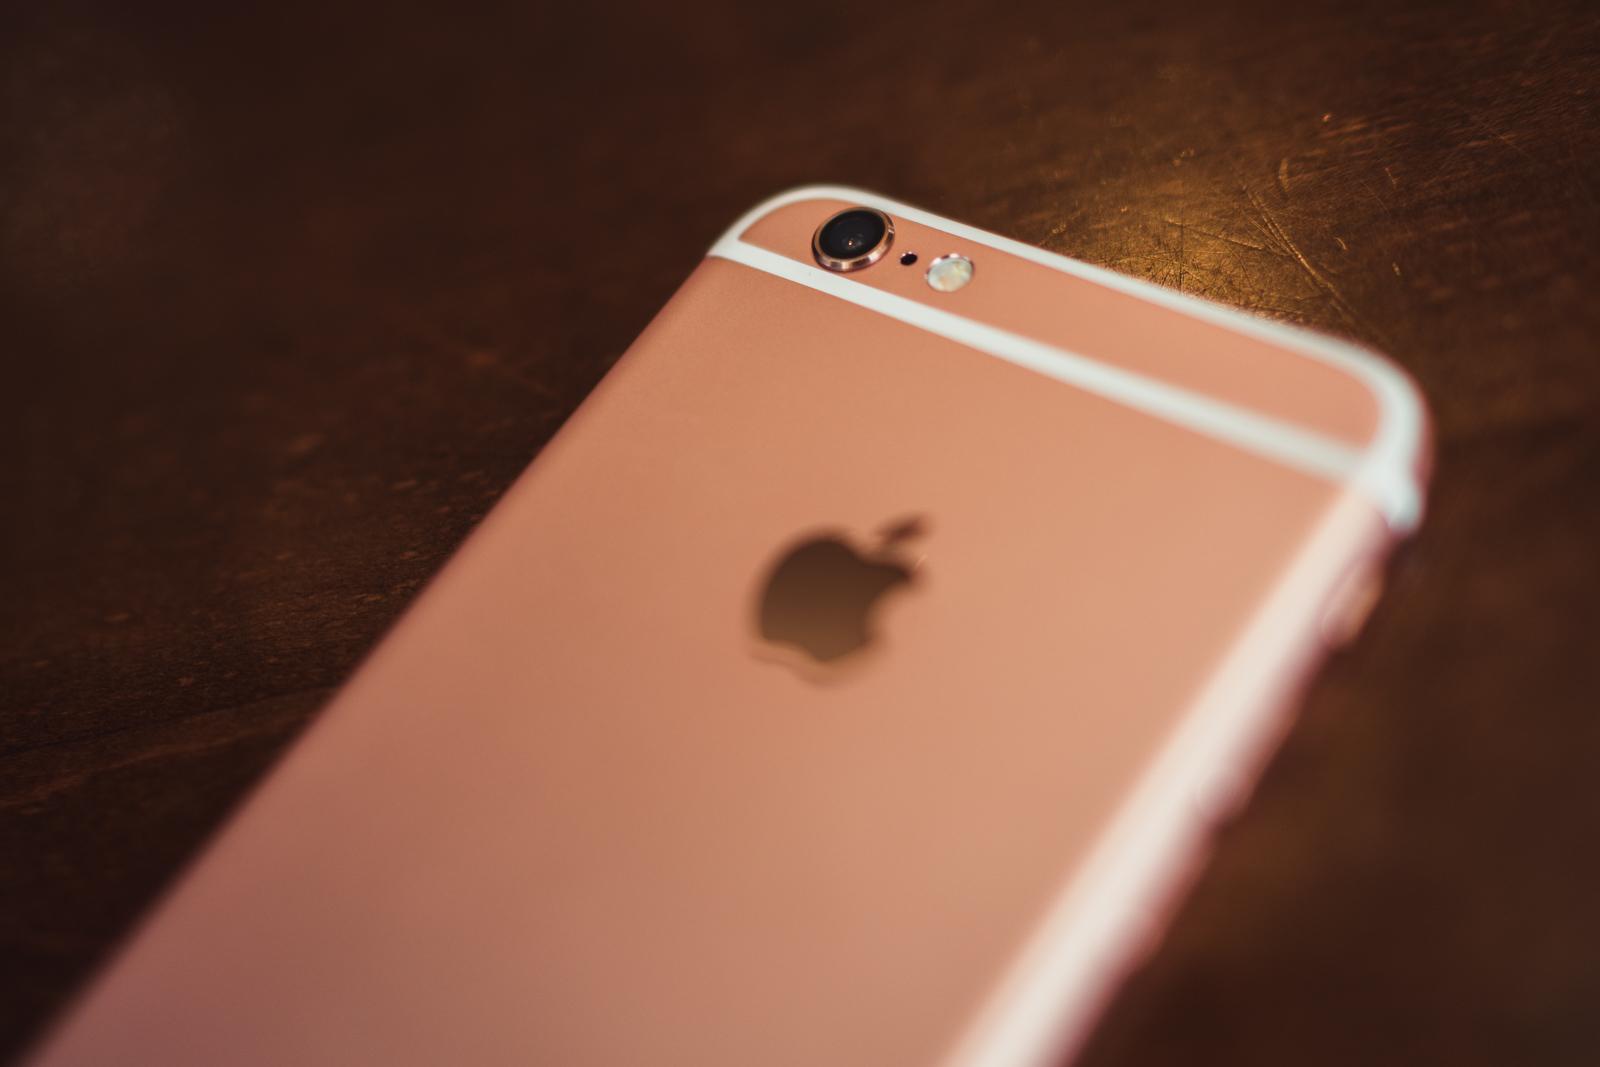 To prawda, iPhone 6s w teście wideo wygrał z lustrzanką Nikon D750. Czy kogoś to dziwi?